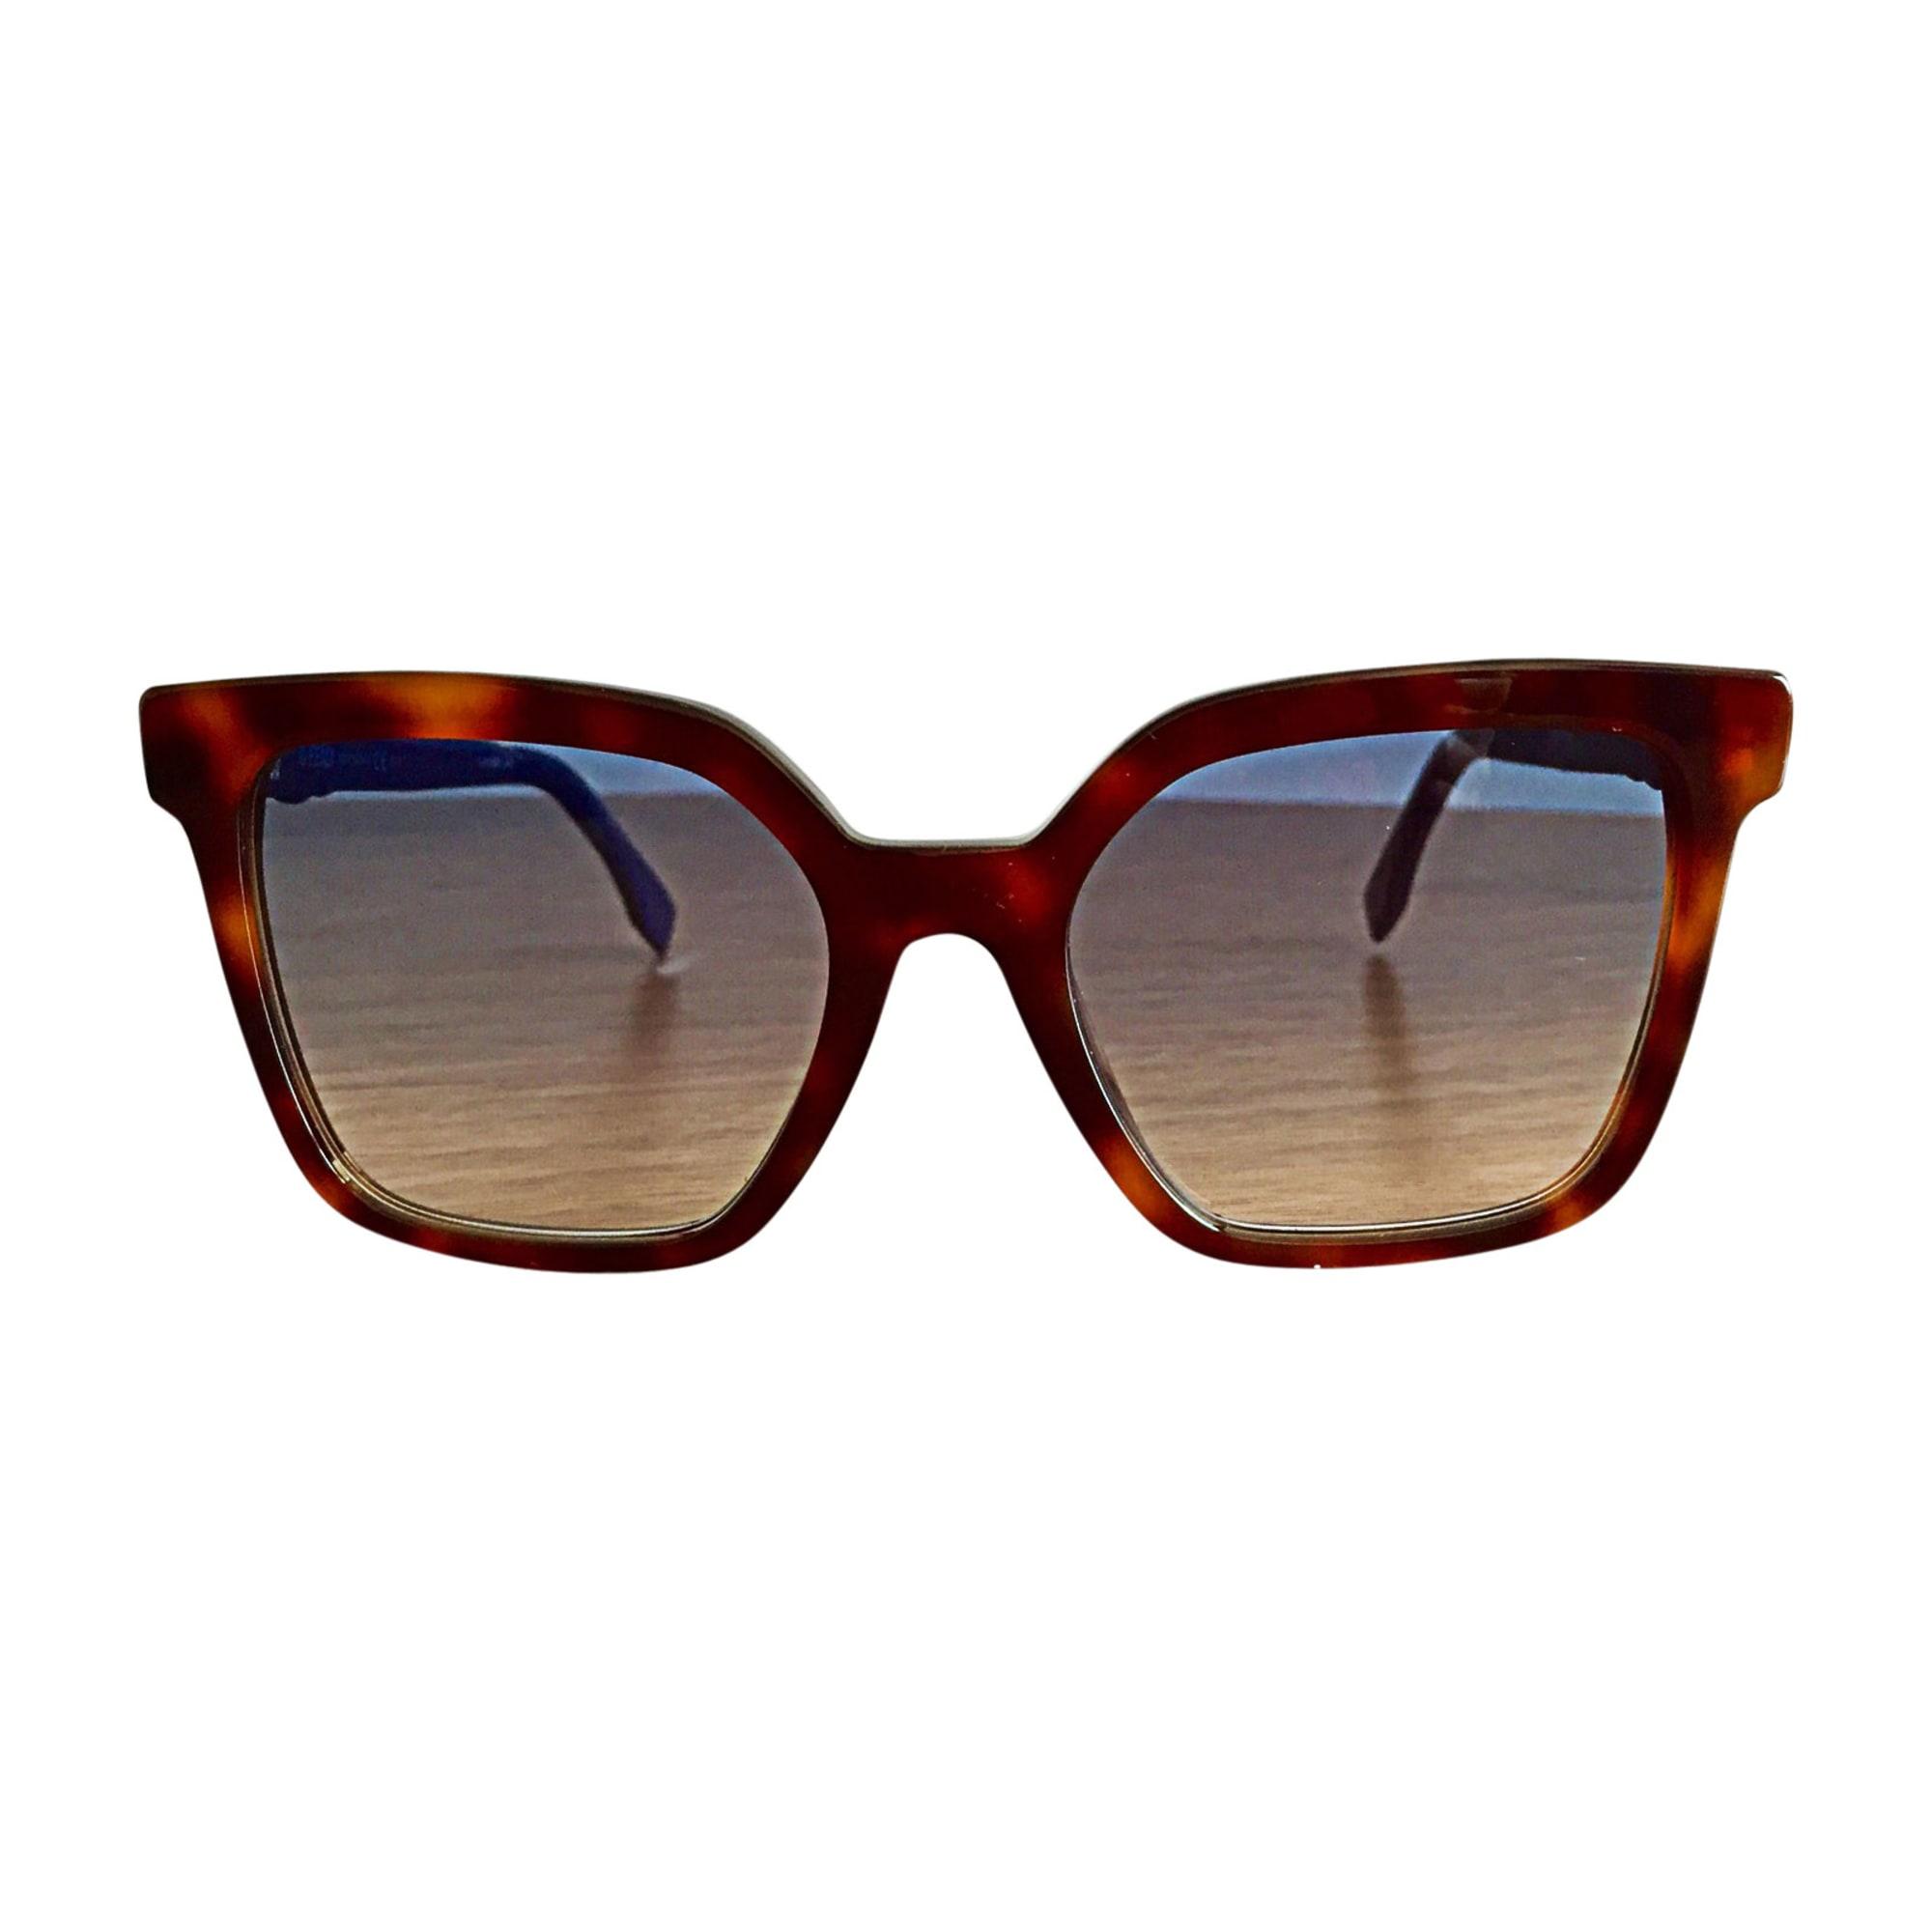 0a0c354adcd2c Lunettes de soleil FENDI marron - 7690991